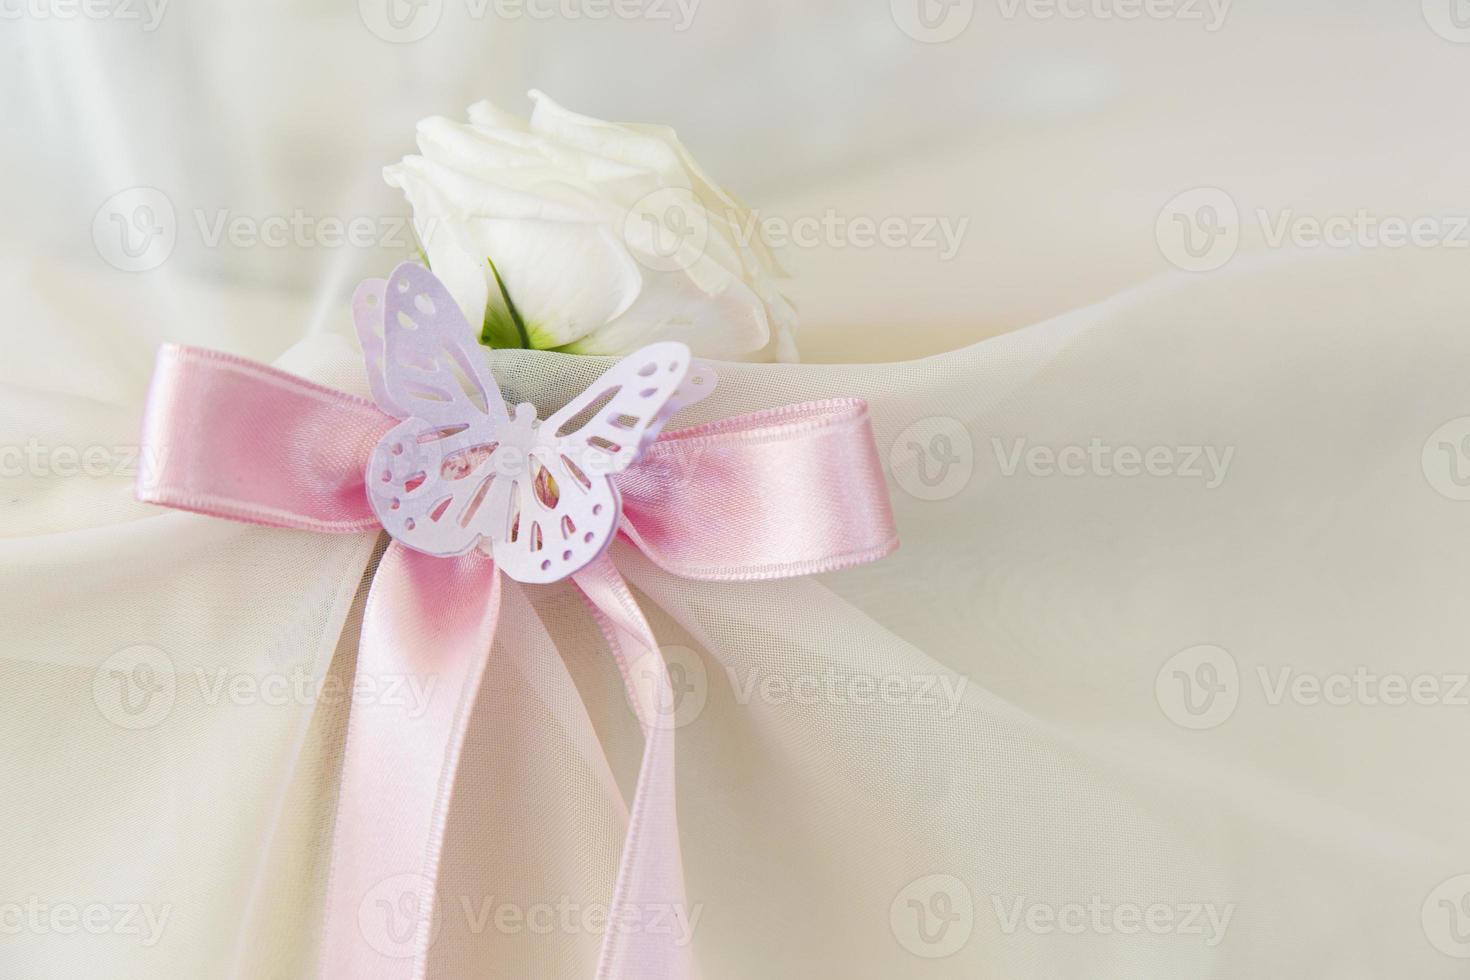 mariposa de papel foto